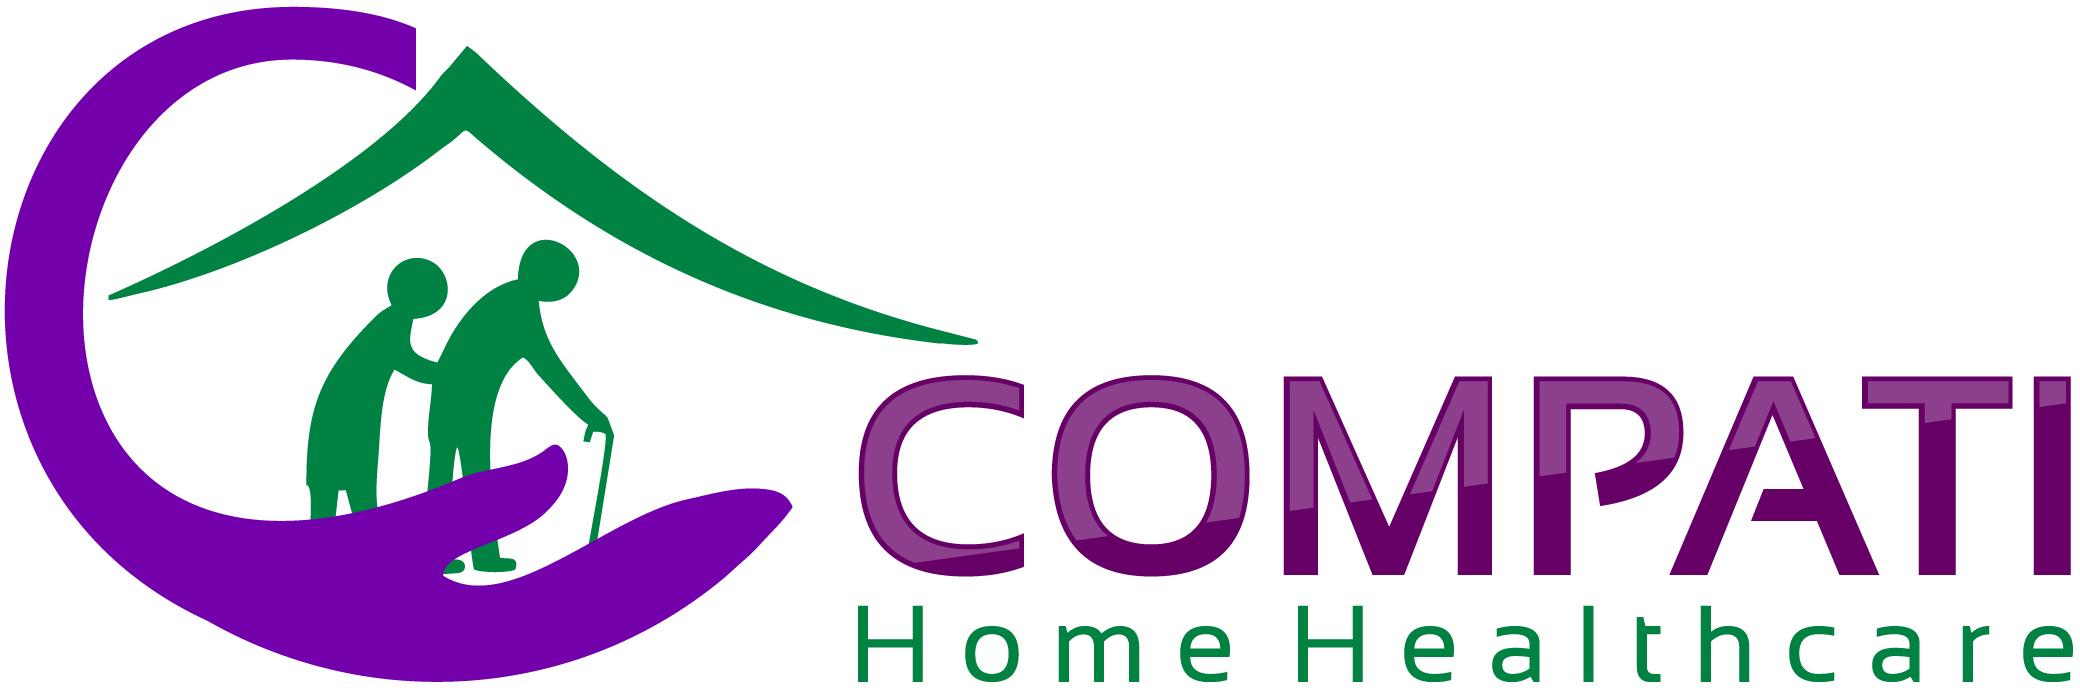 Compati Home Healthcare.